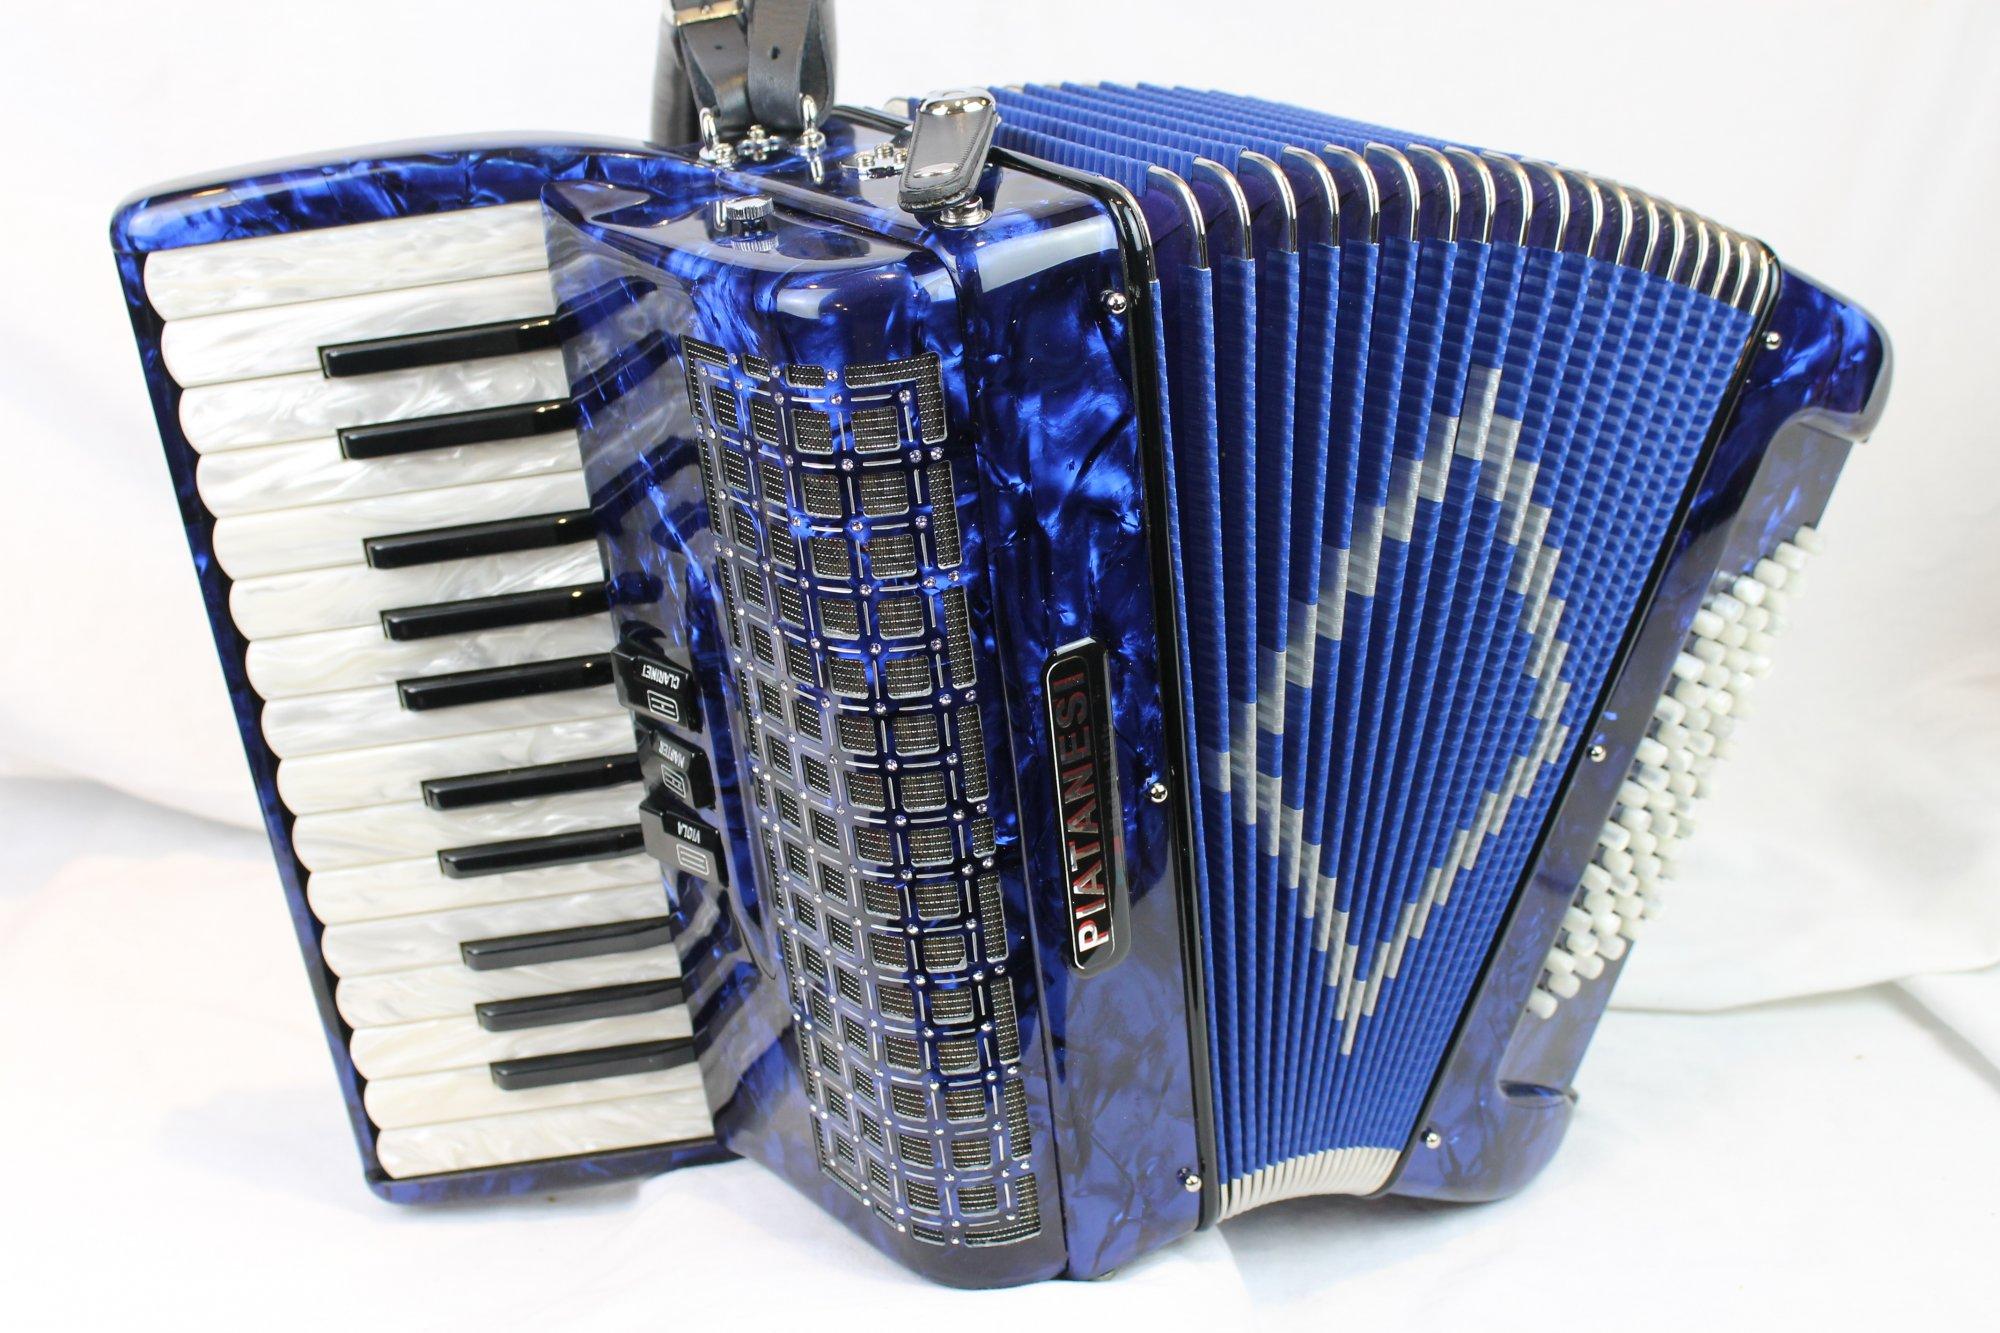 3540 - Blue Ottavianelli Piatenesi Piano Accordion MM 26 60